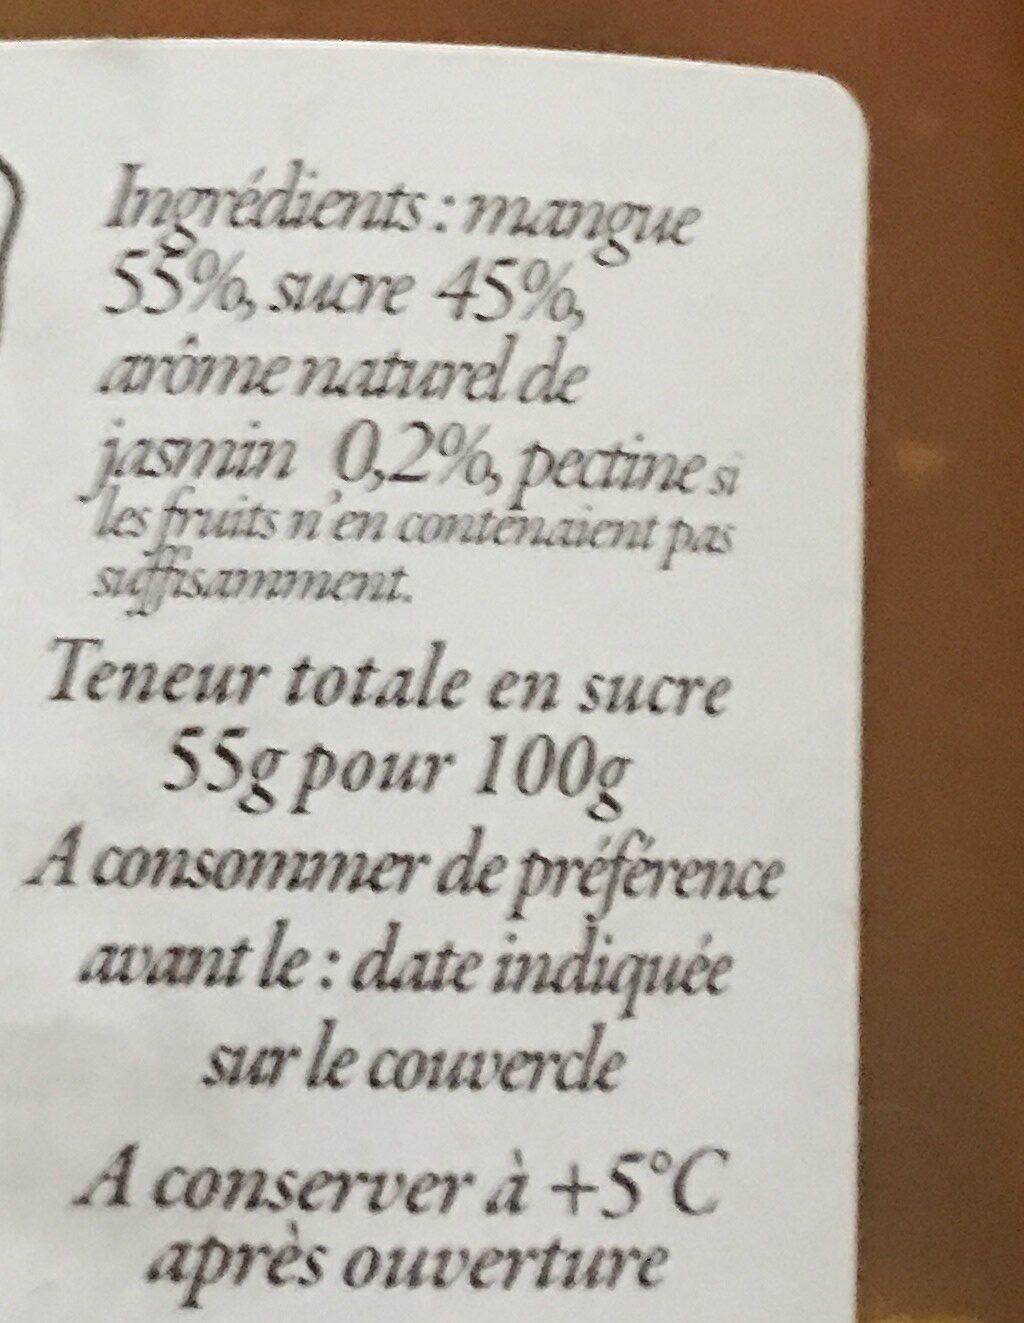 Preparation de fruit mangue jasmin - Inhaltsstoffe - fr